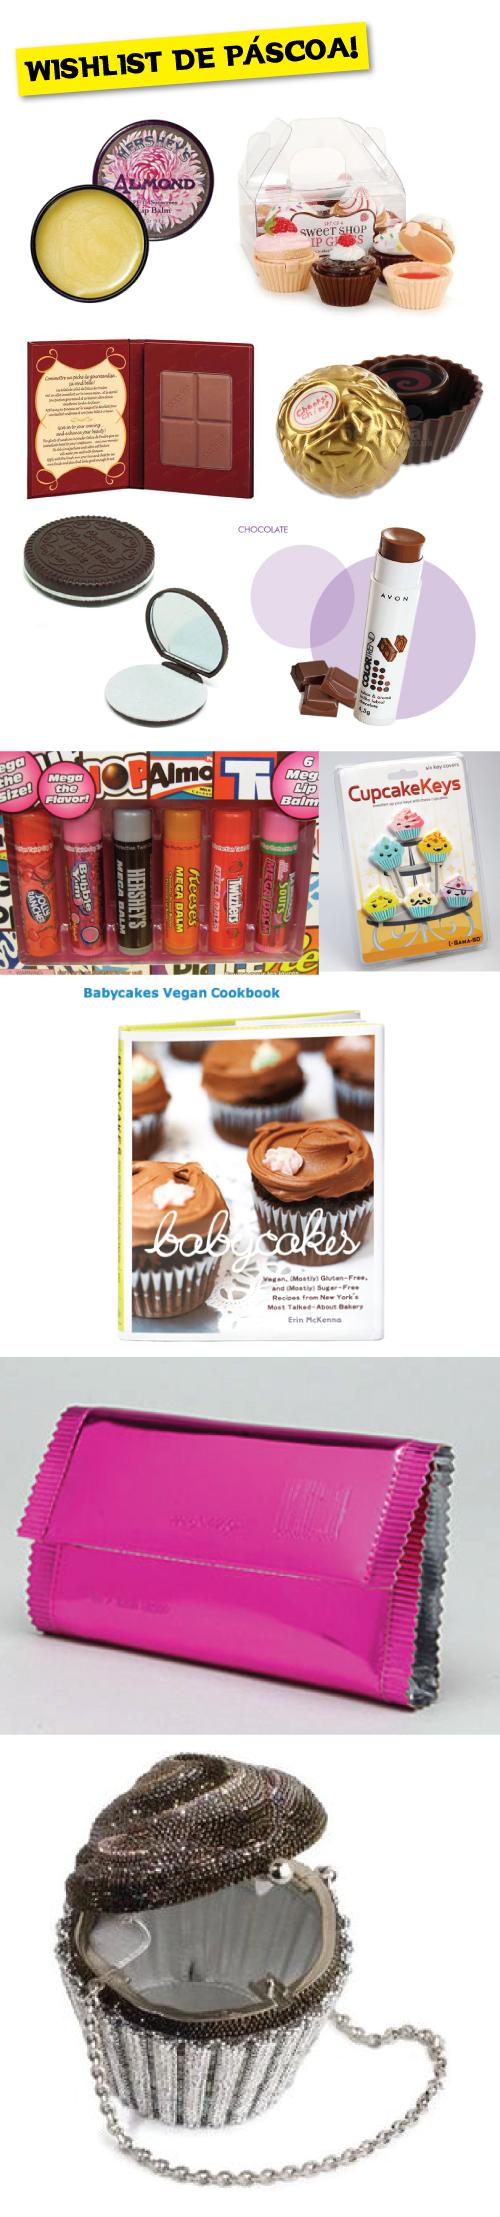 Chocolate starving amanda britto e vocs meninas o que desejam de pscoa fandeluxe Choice Image